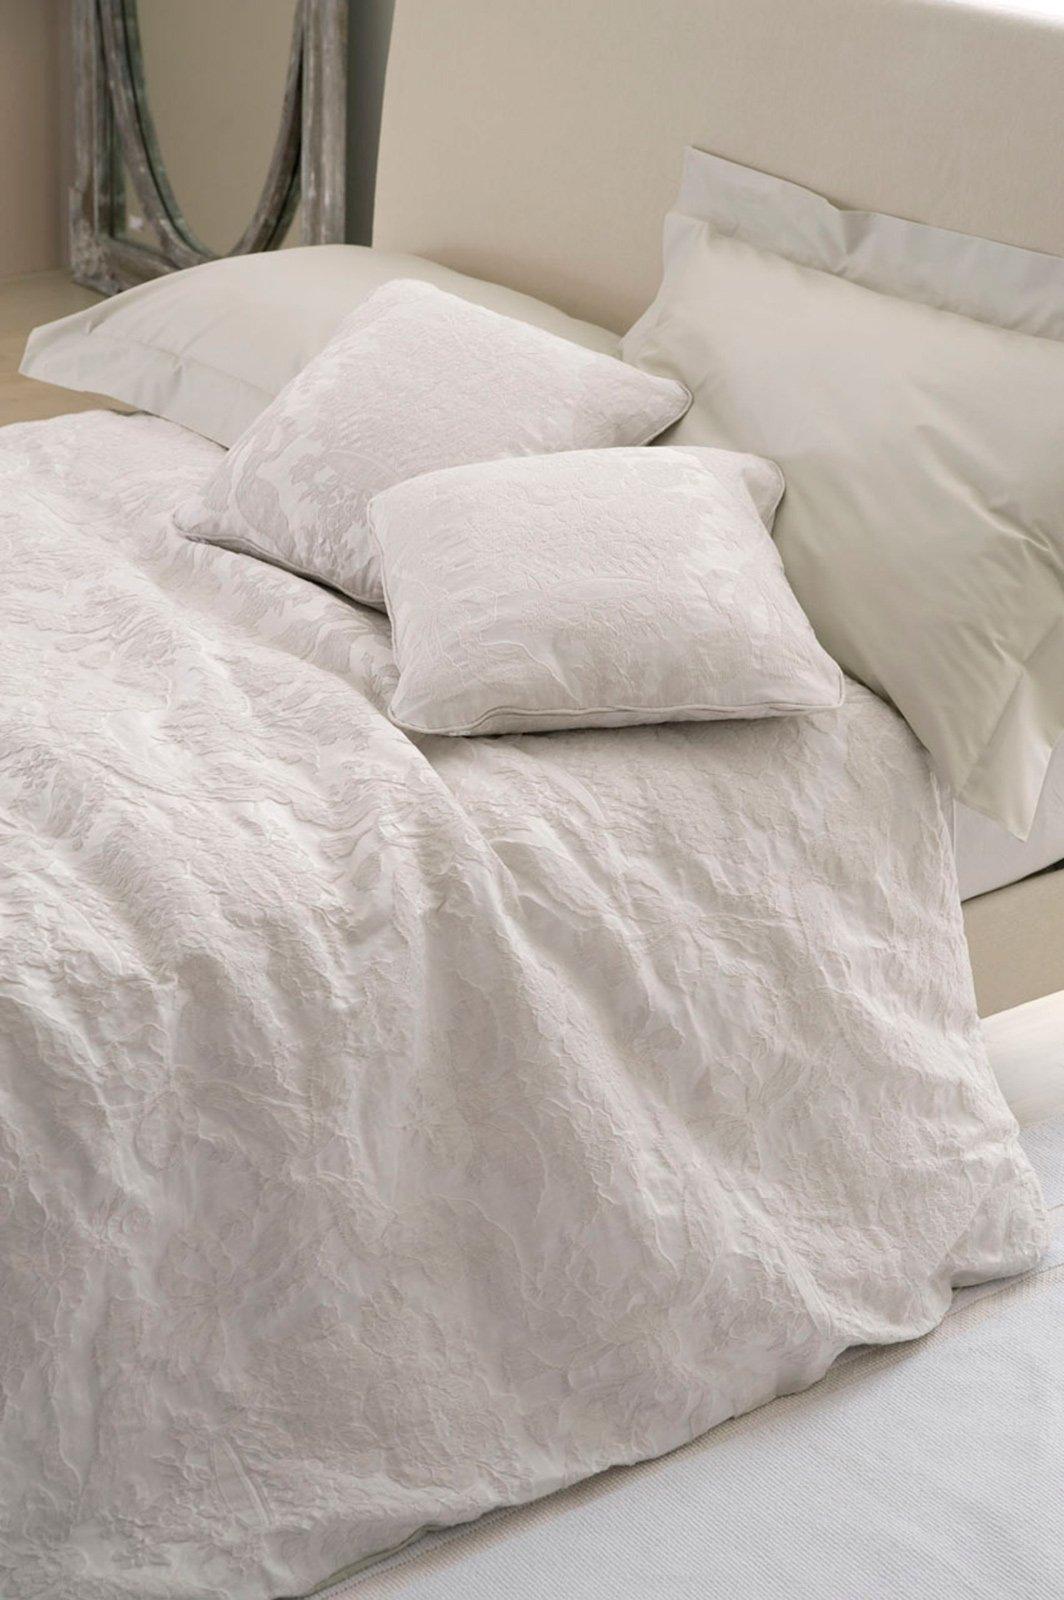 Biancheria per il letto - Cose di Casa